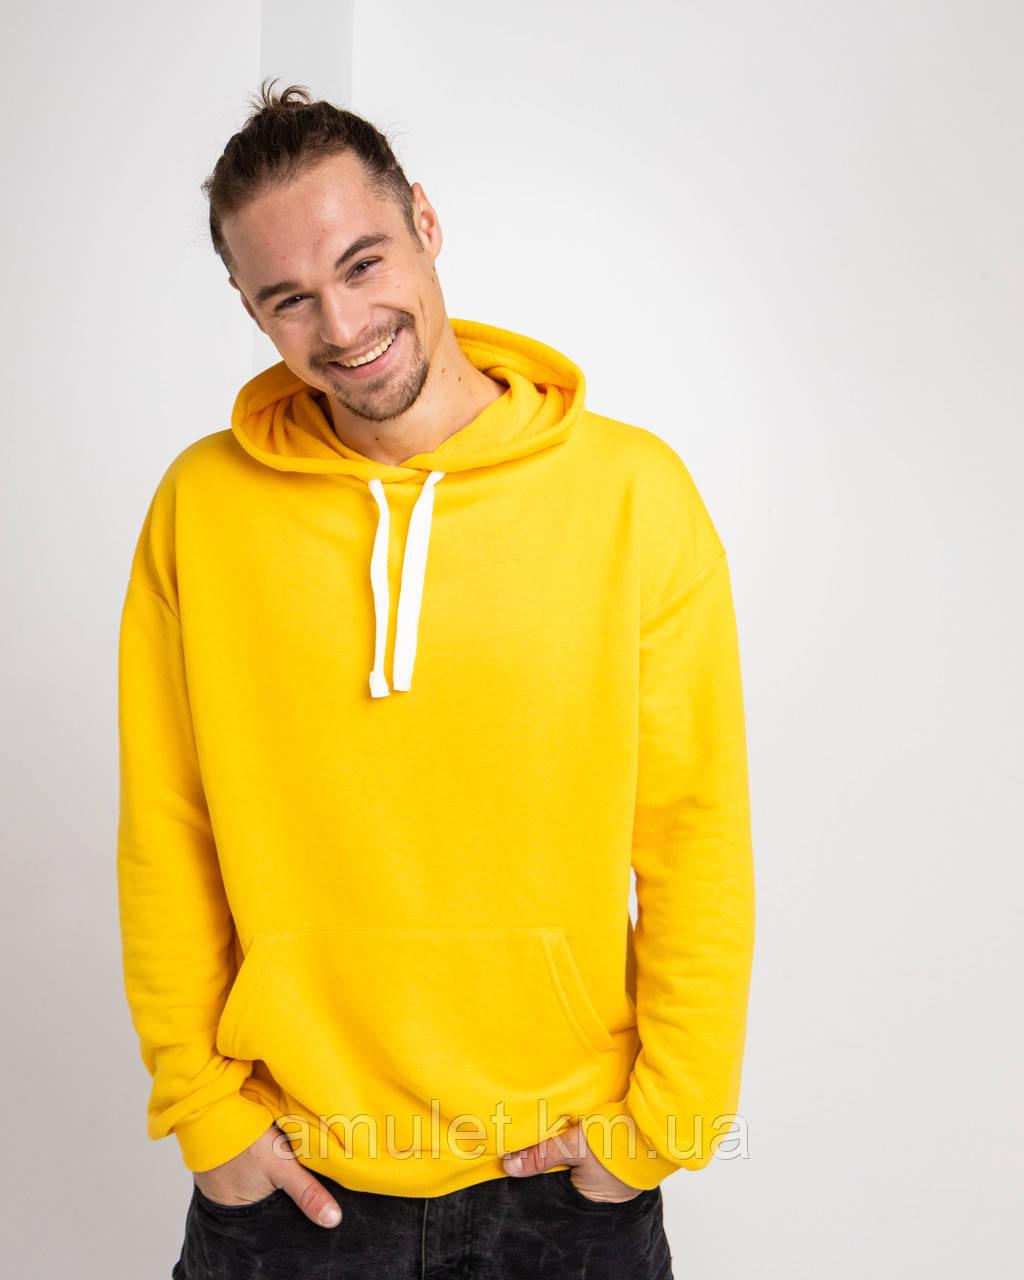 Худи UNISEX   желтый цвет